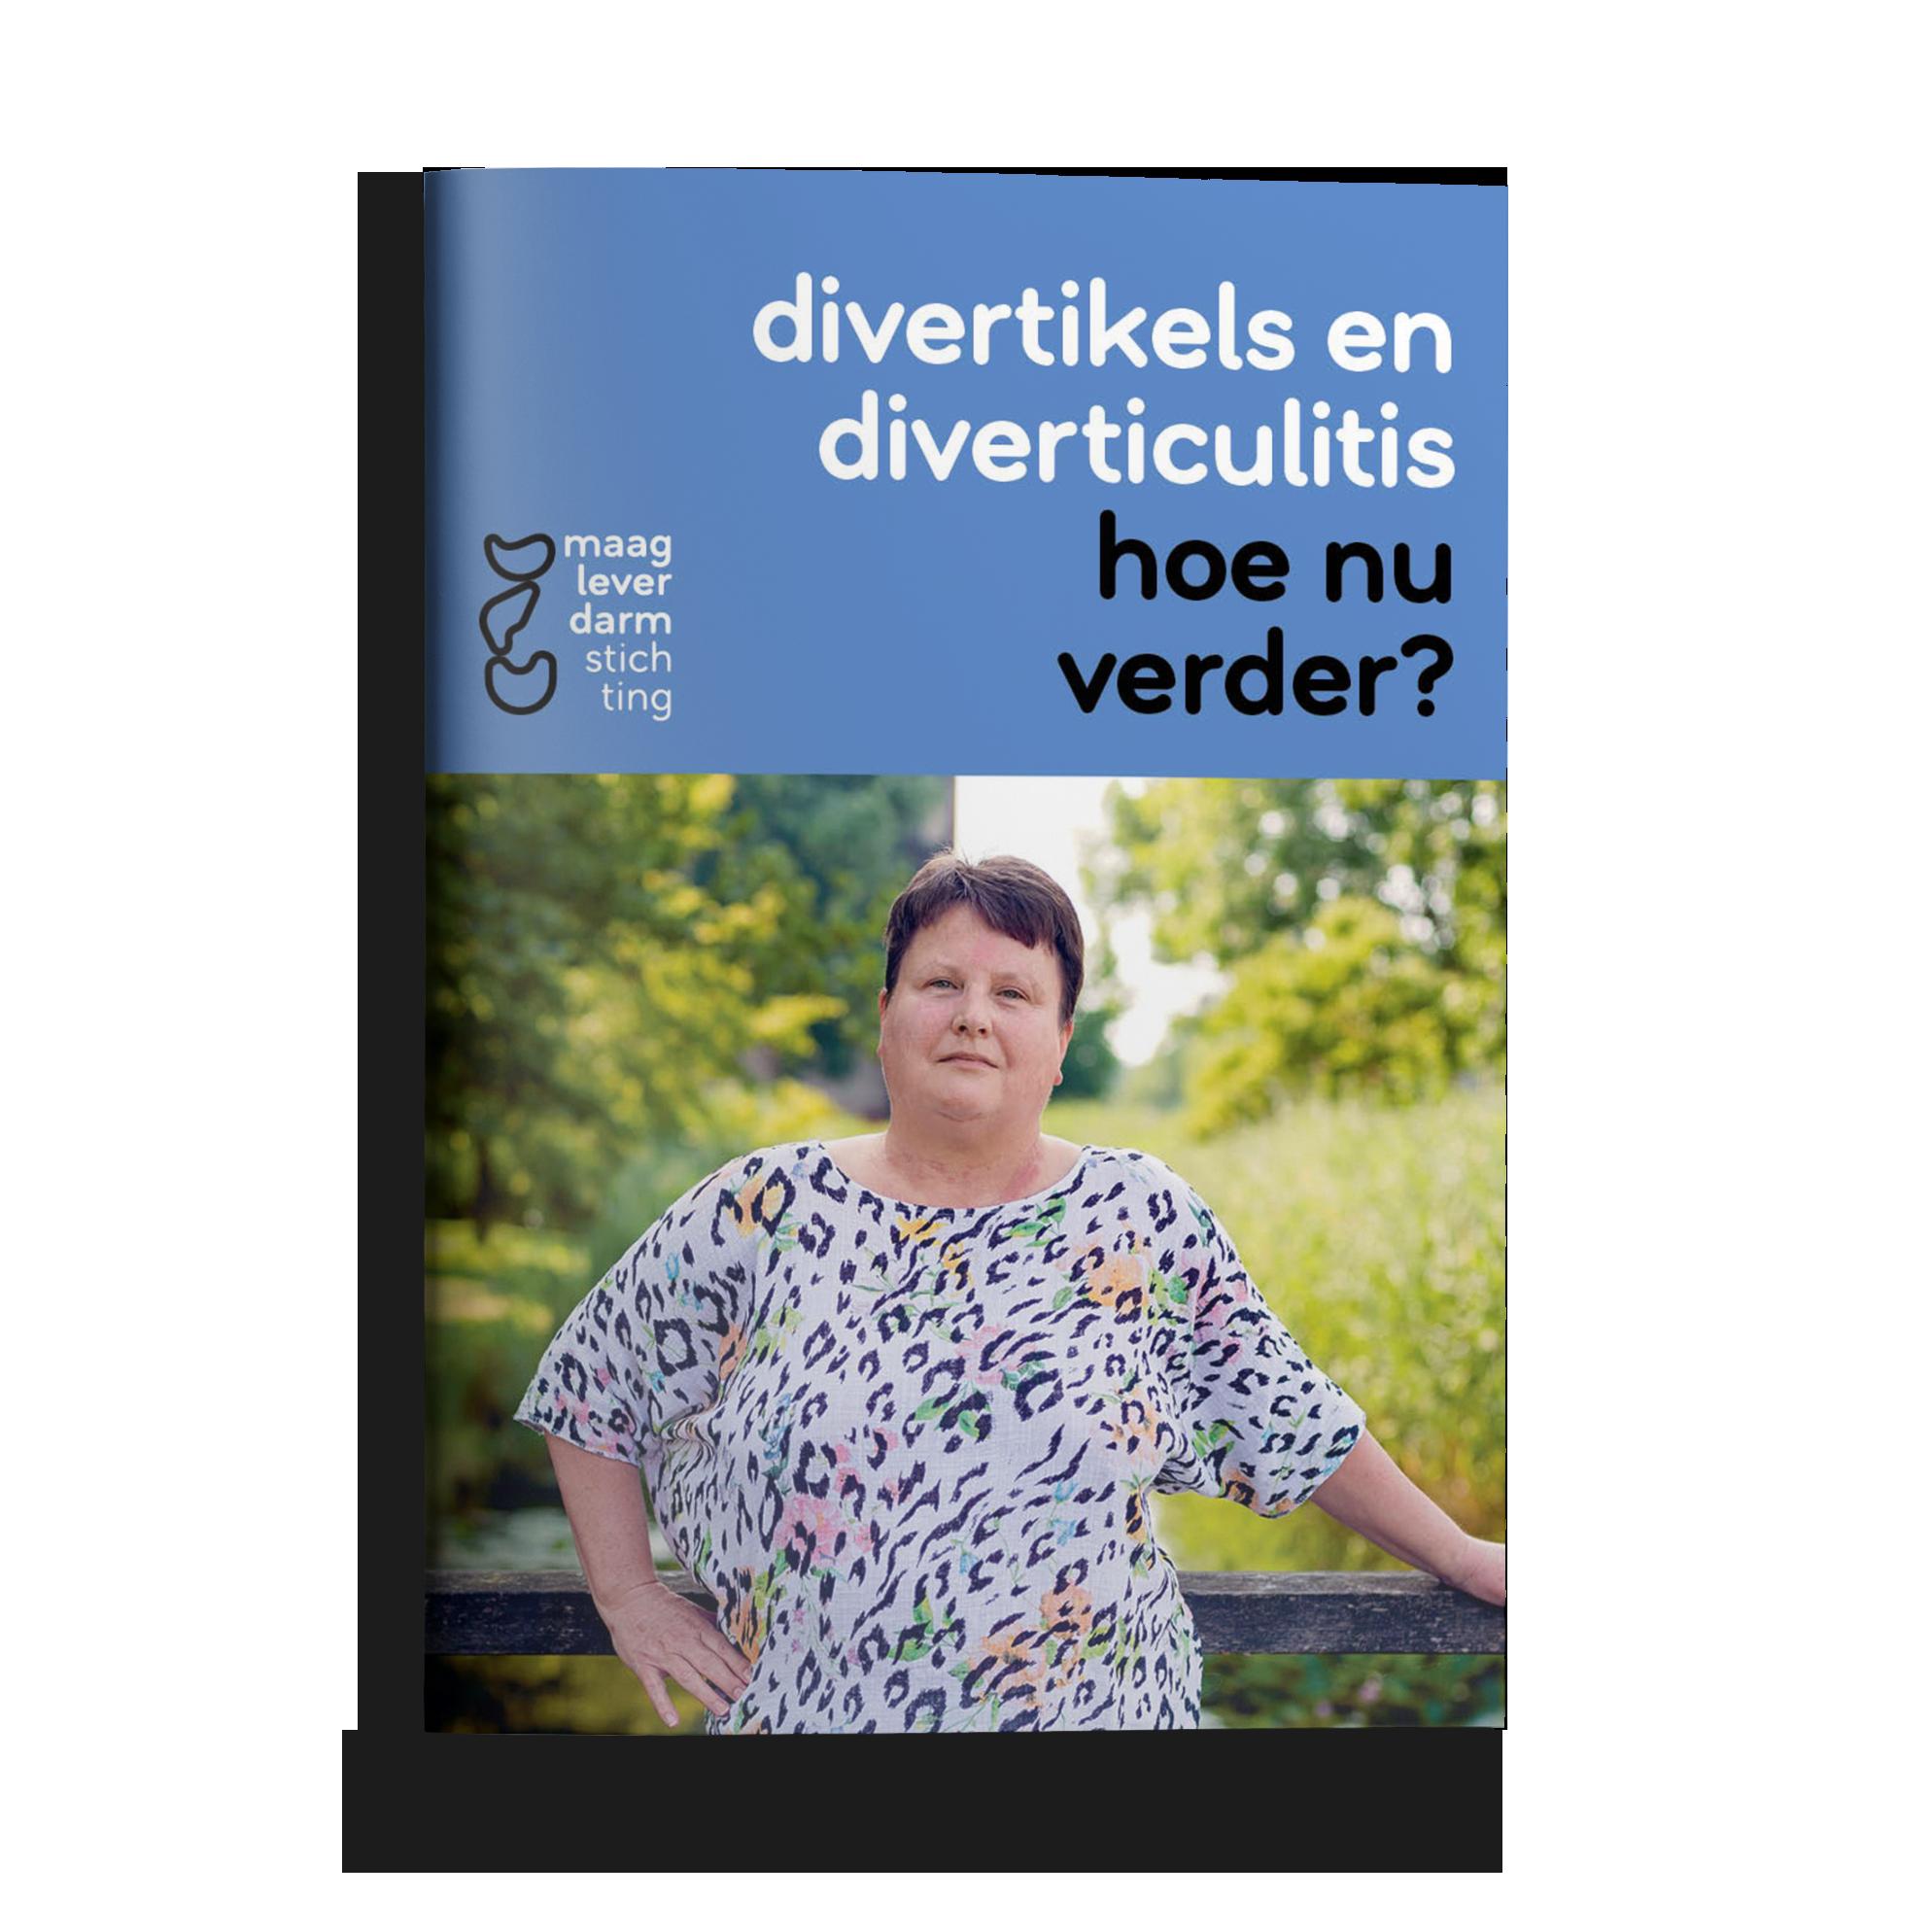 MLDS_Brochure_Divertikels_Online_Mockup